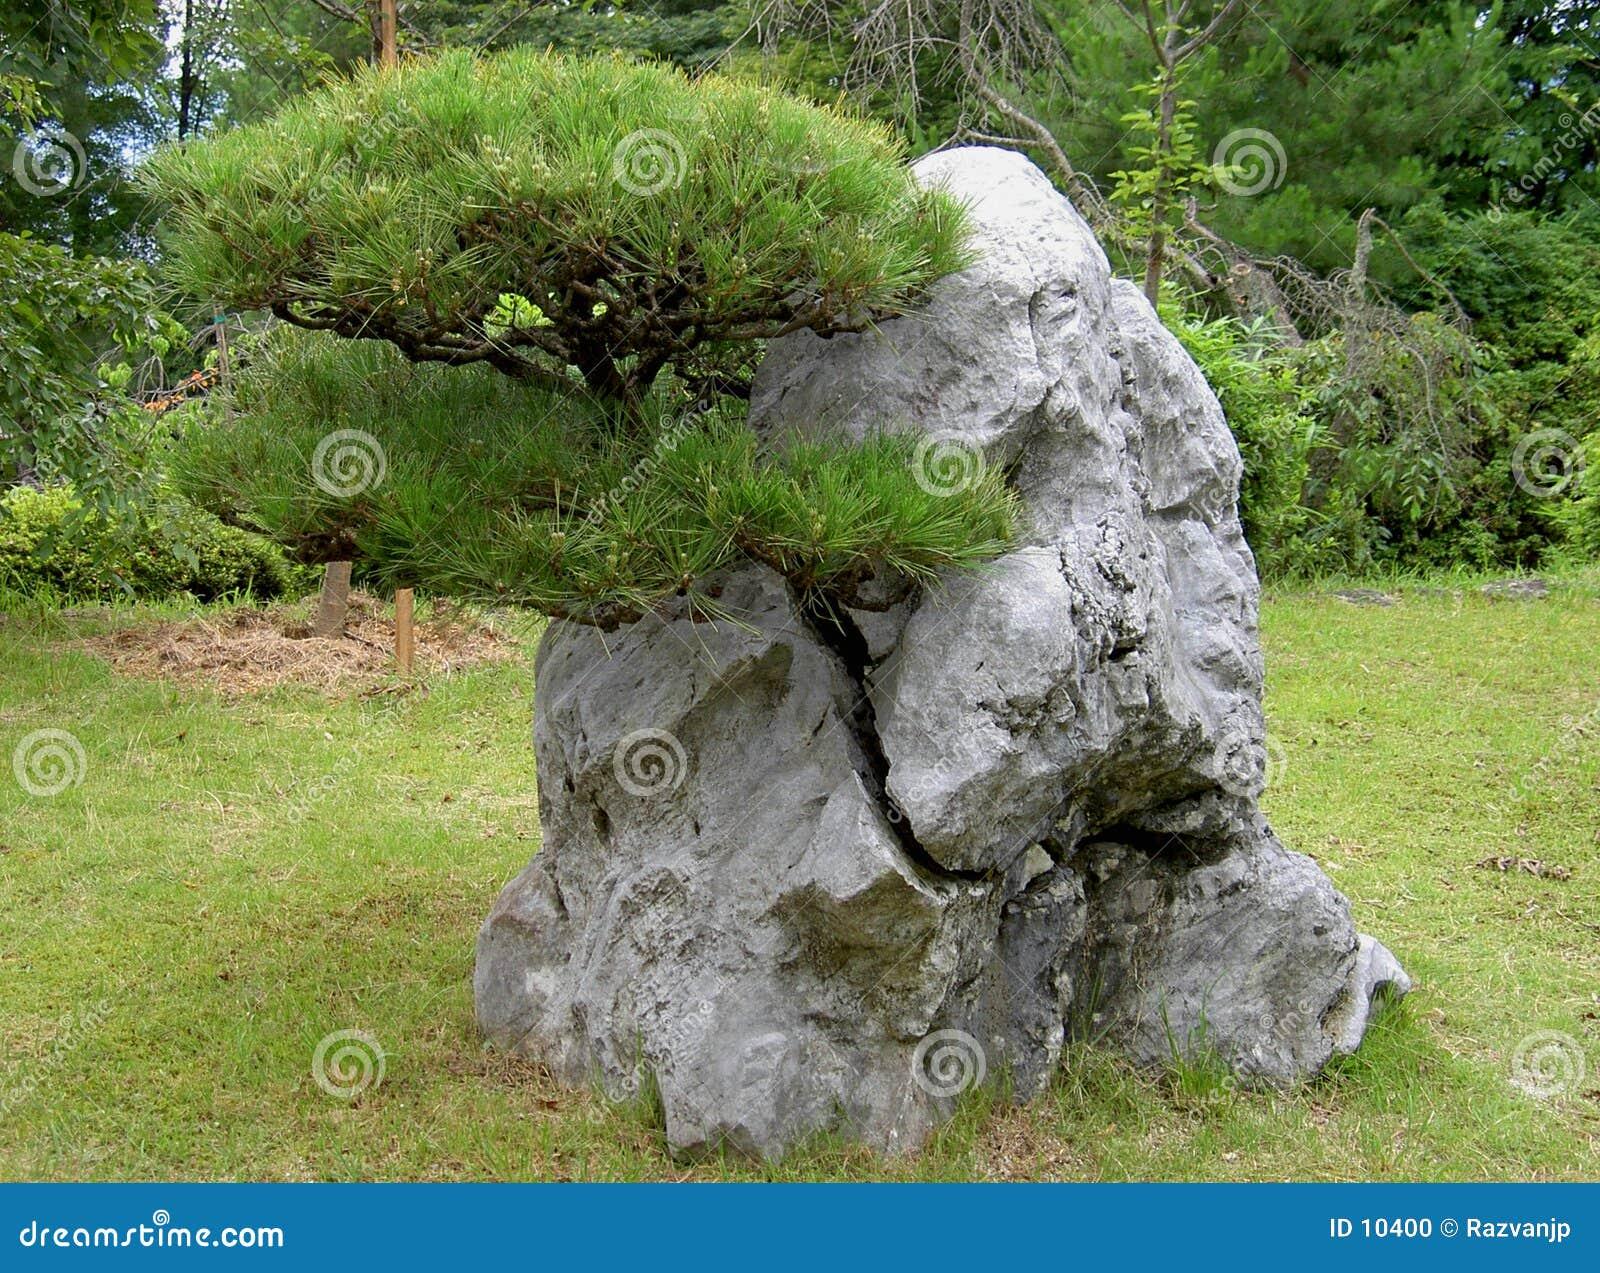 Grown through the rock